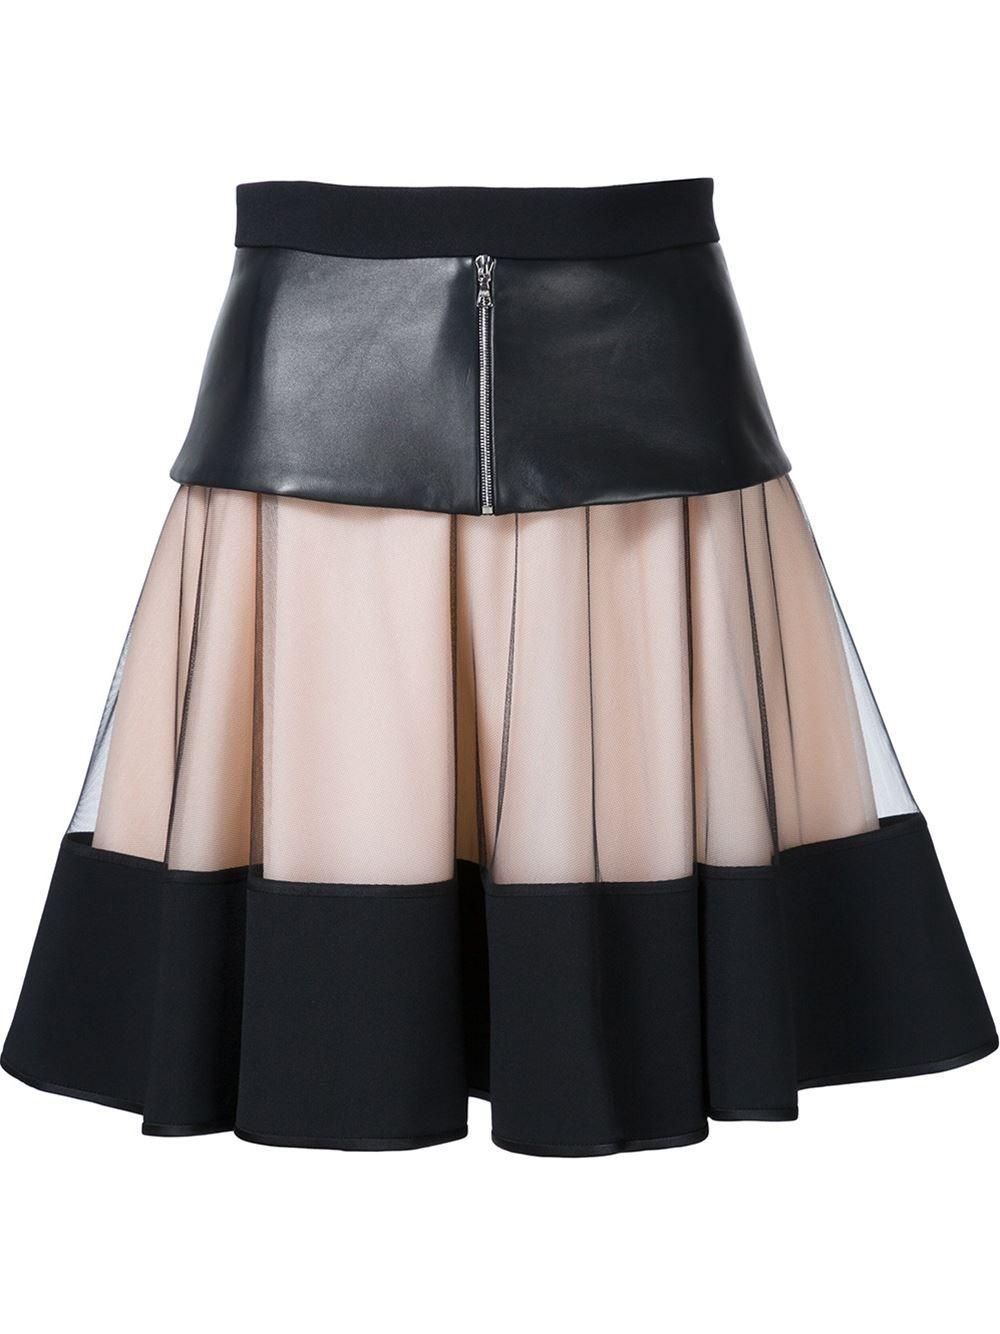 182dcd9ee37 David Koma многослойная юбка А-образного кроя